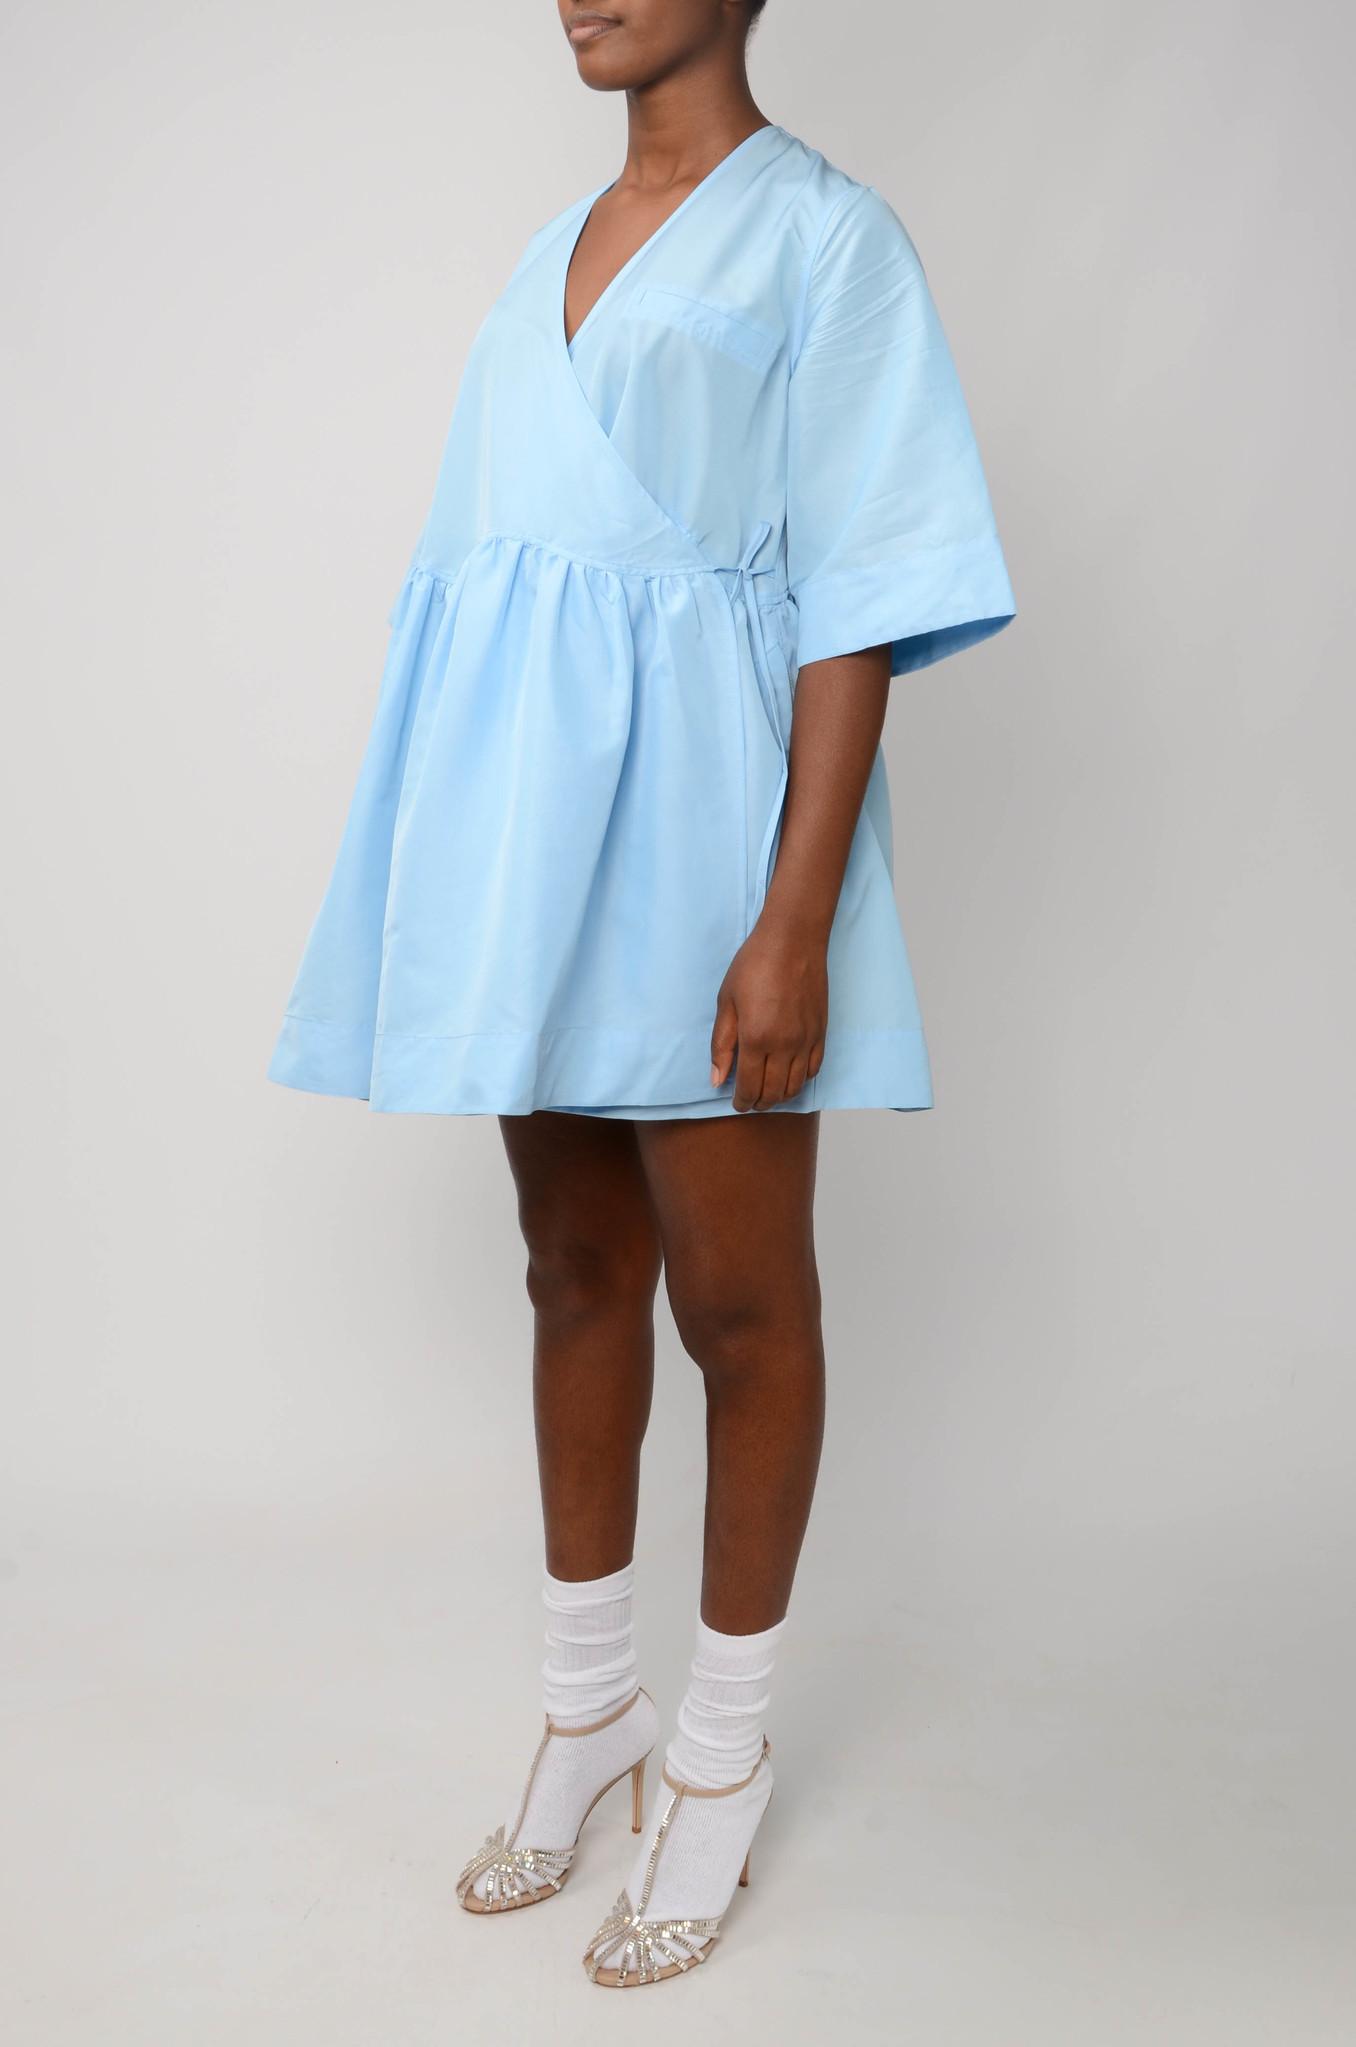 MINI WRAP DRESS IN BLUE TAFETTA-3